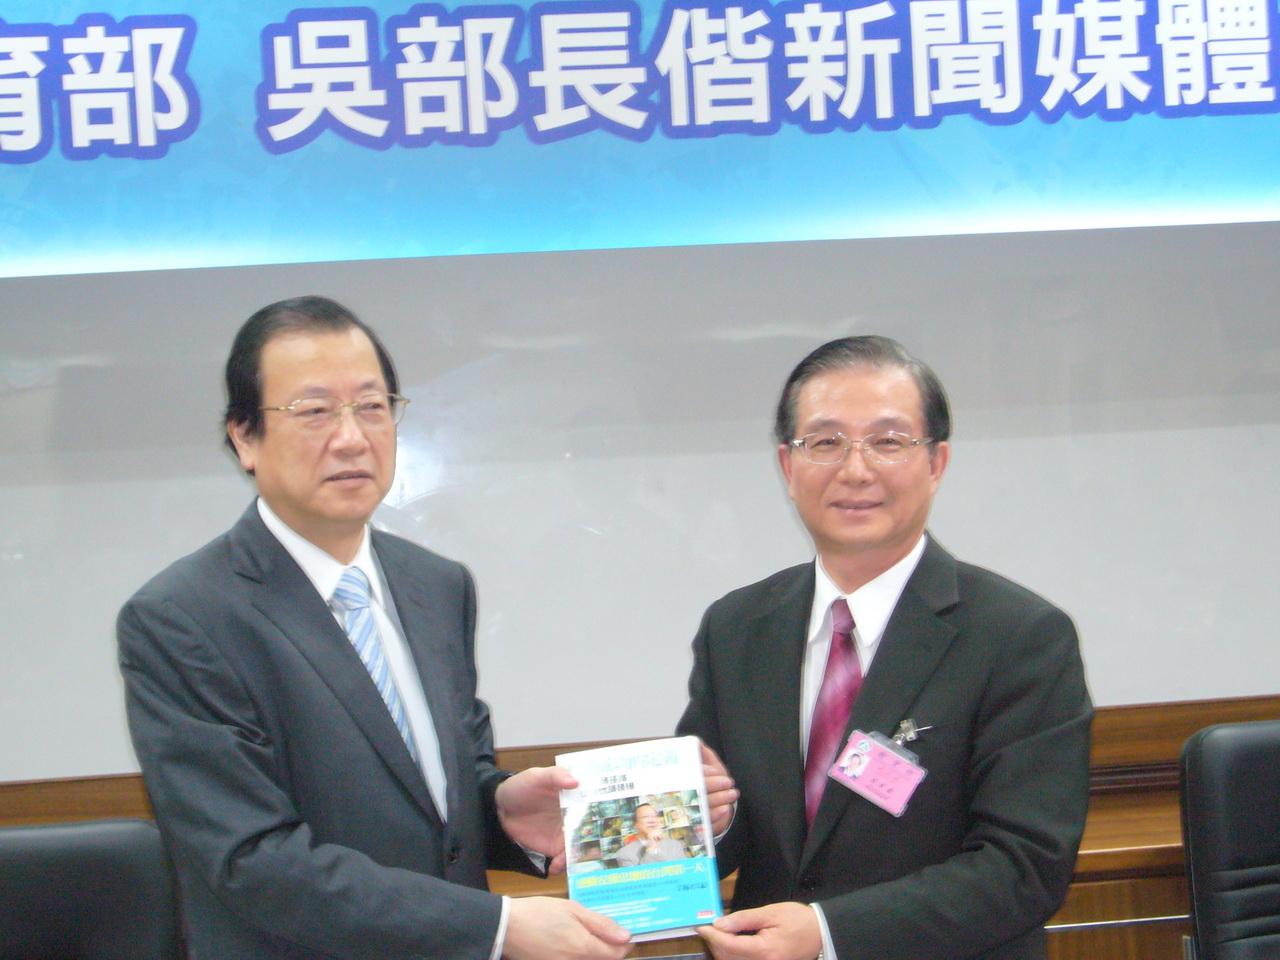 教育部長吳清基讚許中國醫藥大學致力整合中西醫學與生物科技研究最具特色,尤其在推動產學合作研發技轉的產品獨一無二,成果斐然